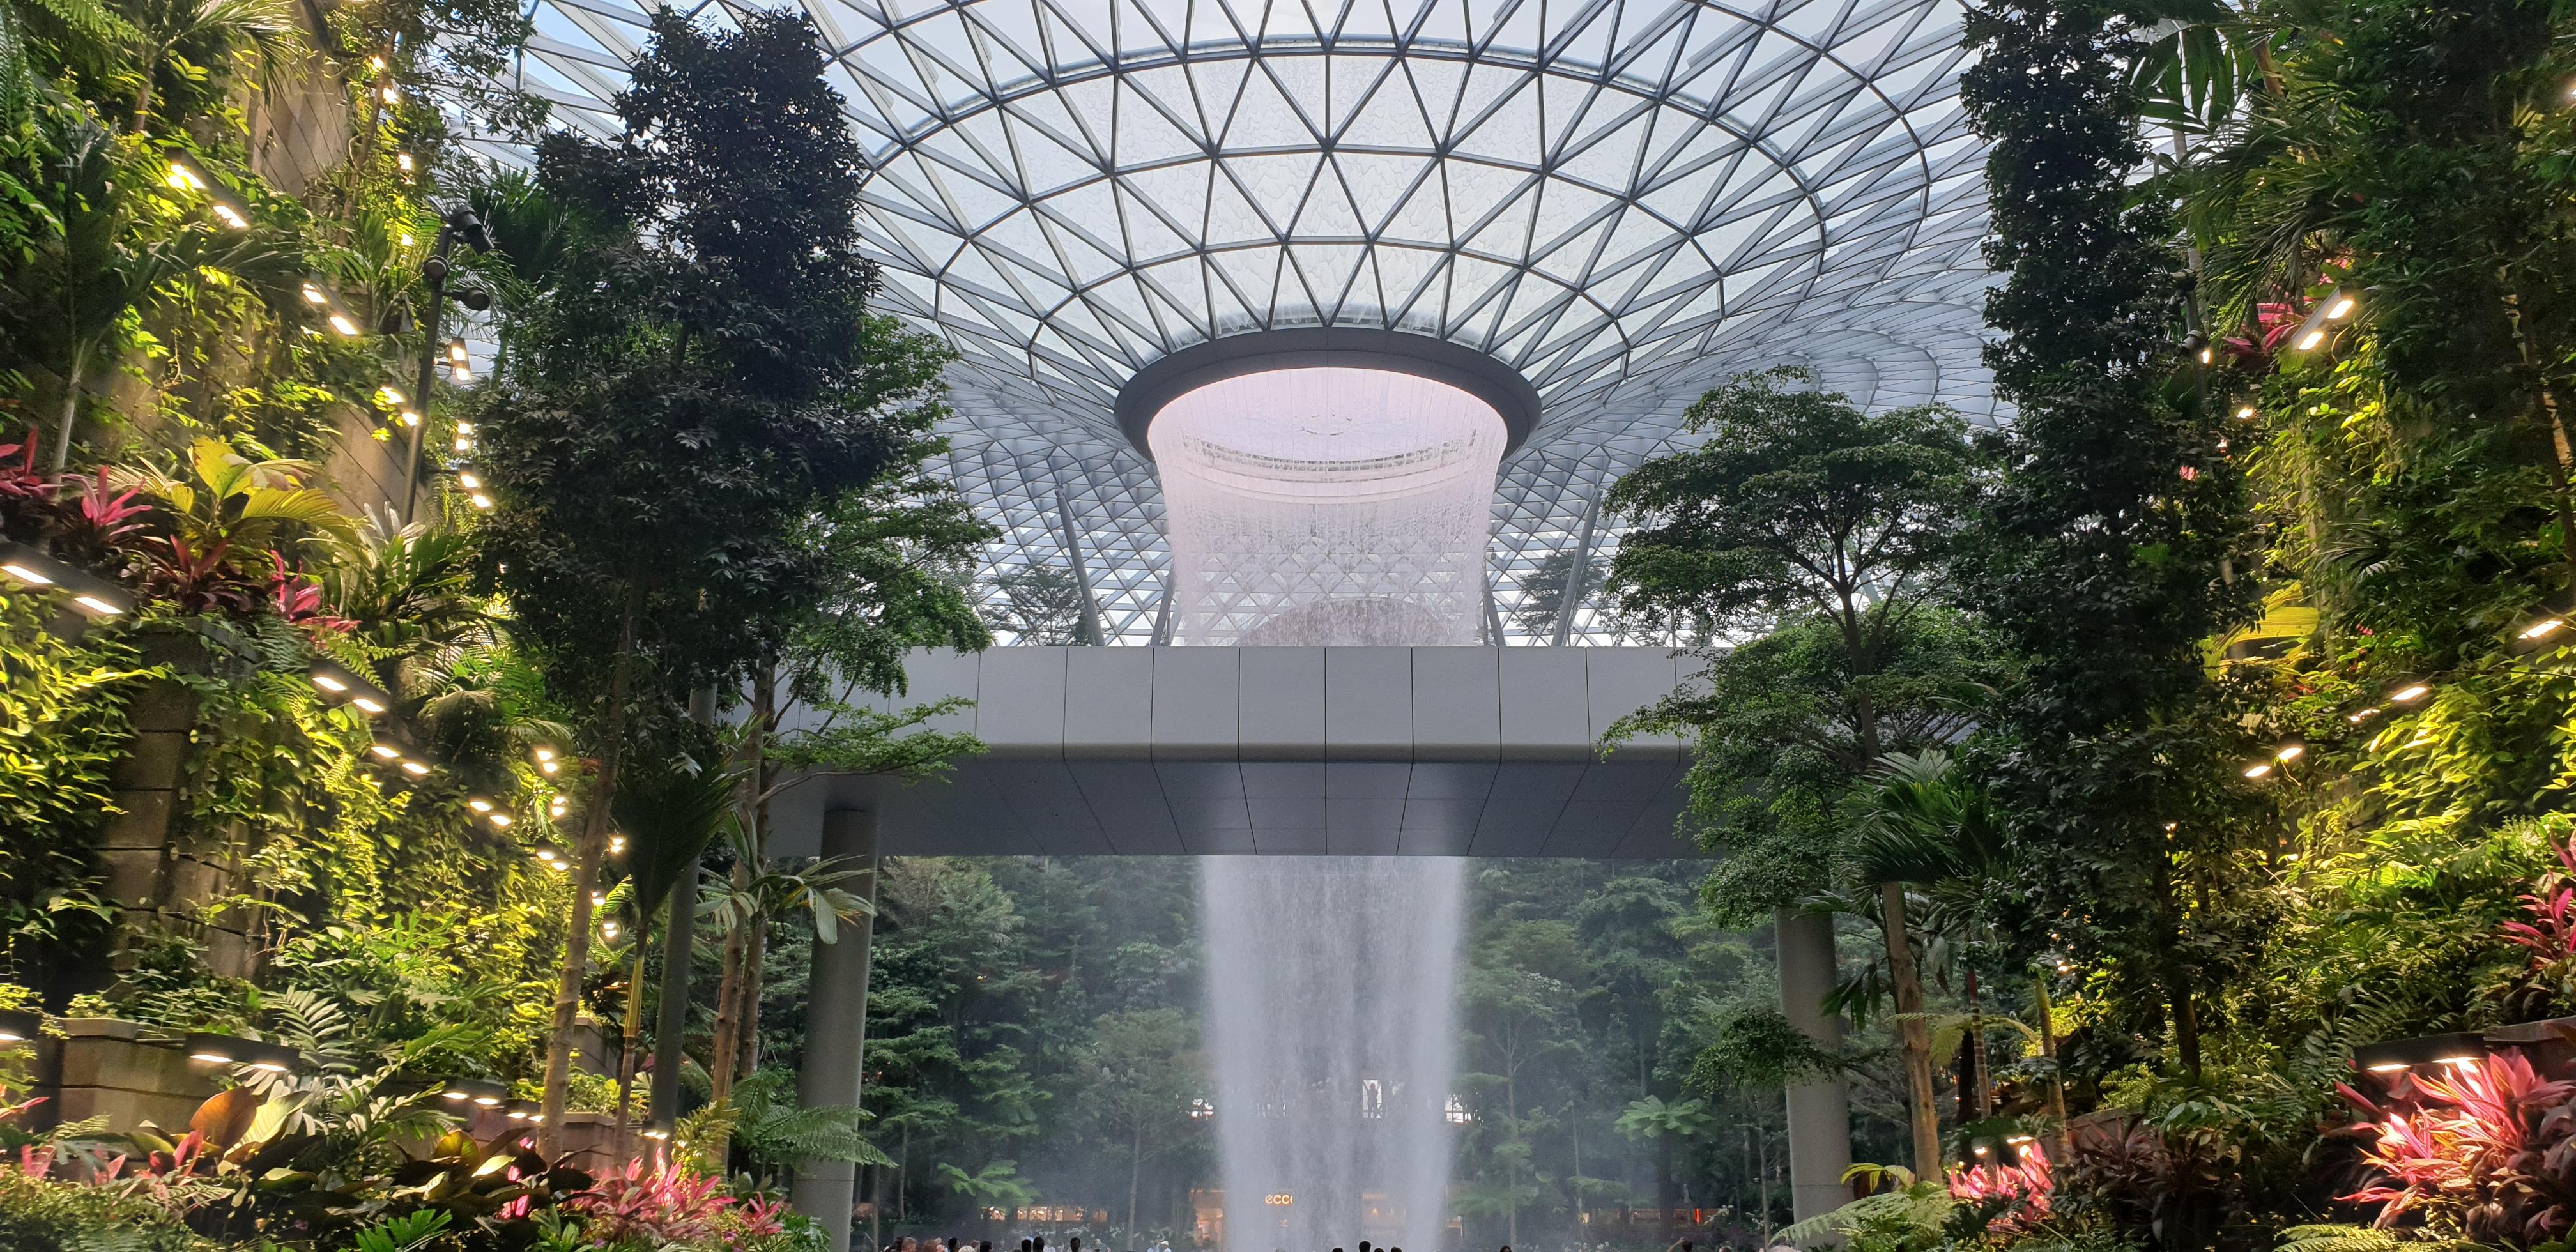 jewel singapour lieux d'intérêt